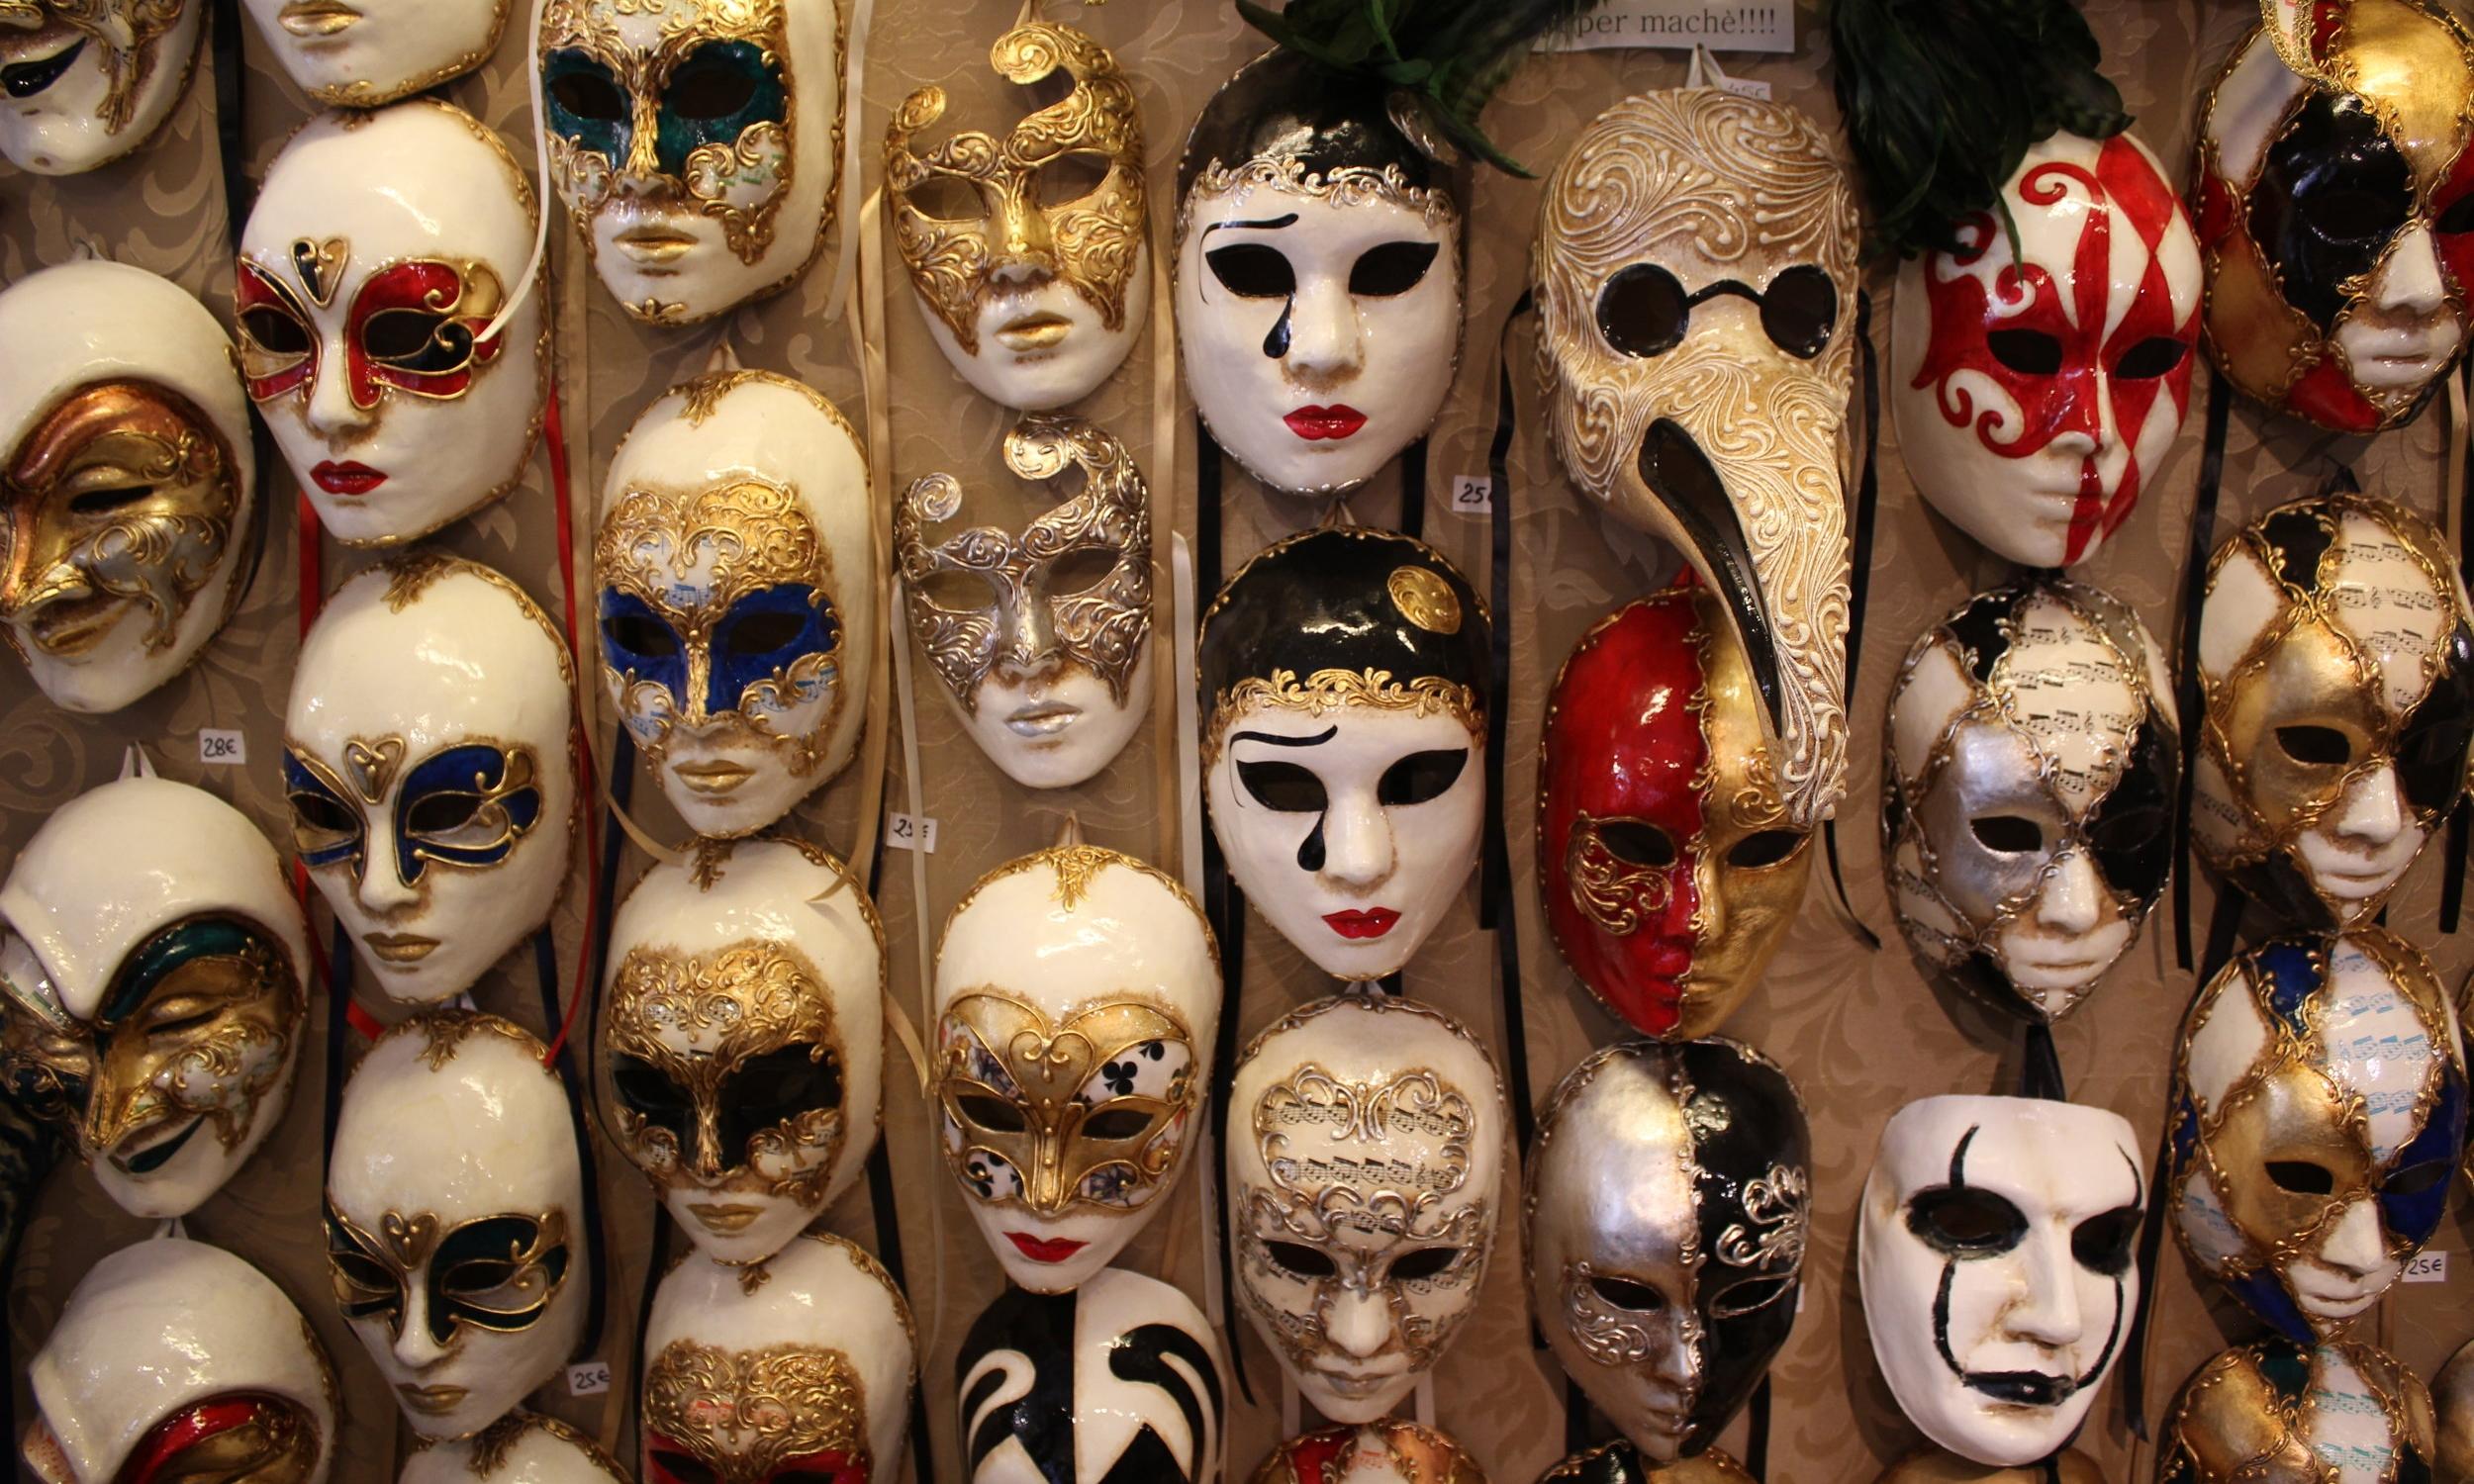 Carnivale masks in the Dorsoduro, Venice